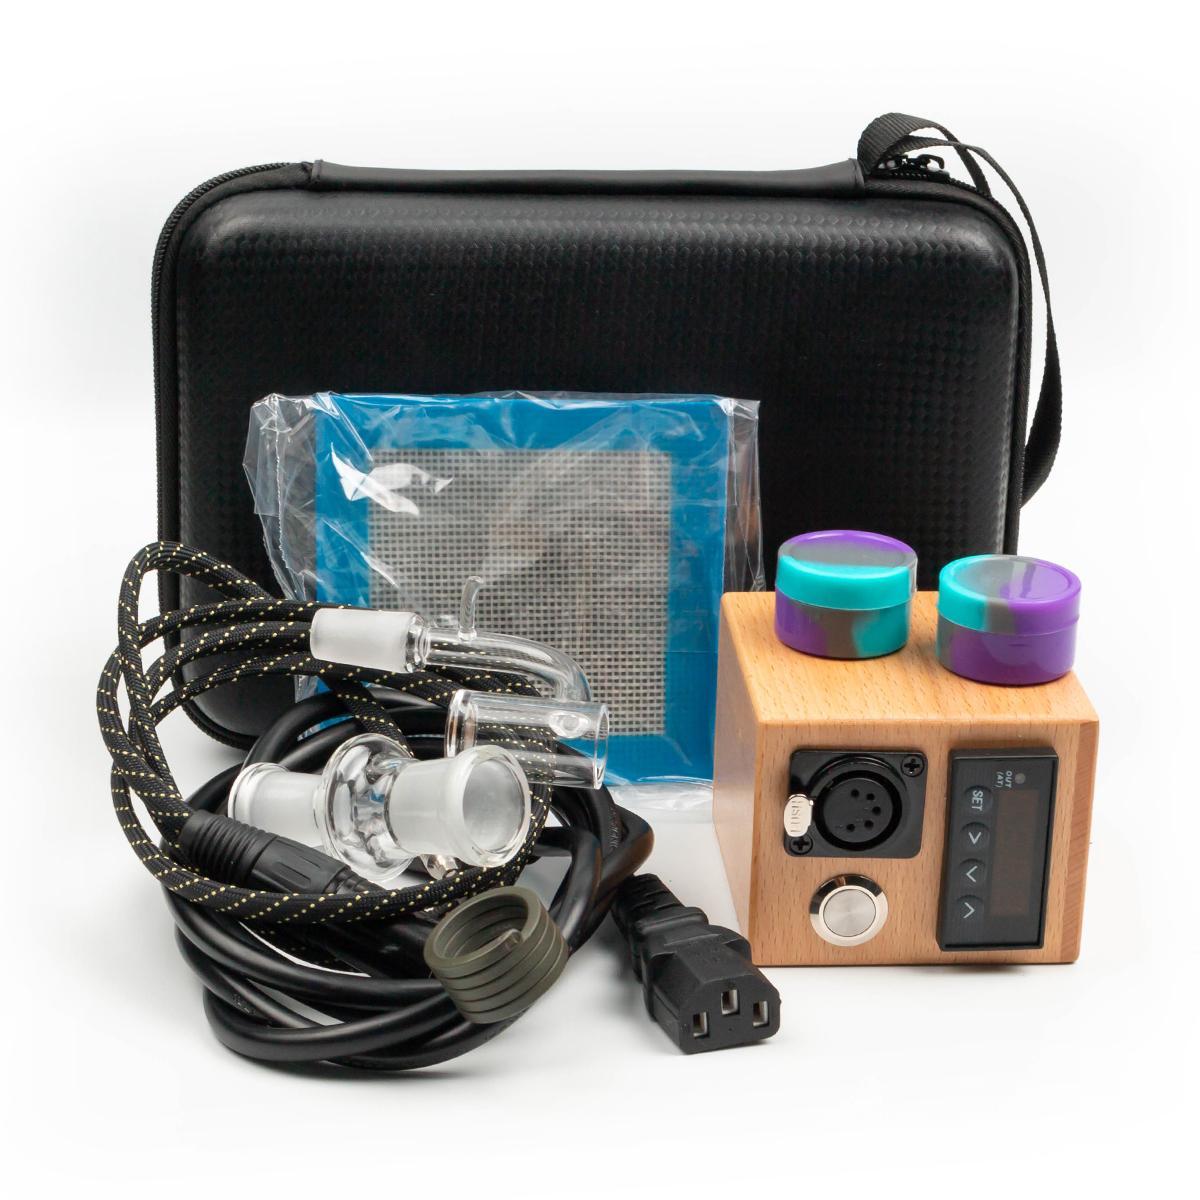 Nuevo kit de banger de cuarzo eléctrico enlail Caja de madera Calentador de bobina E Kit de uñas de cuarzo Almohadilla de silicona